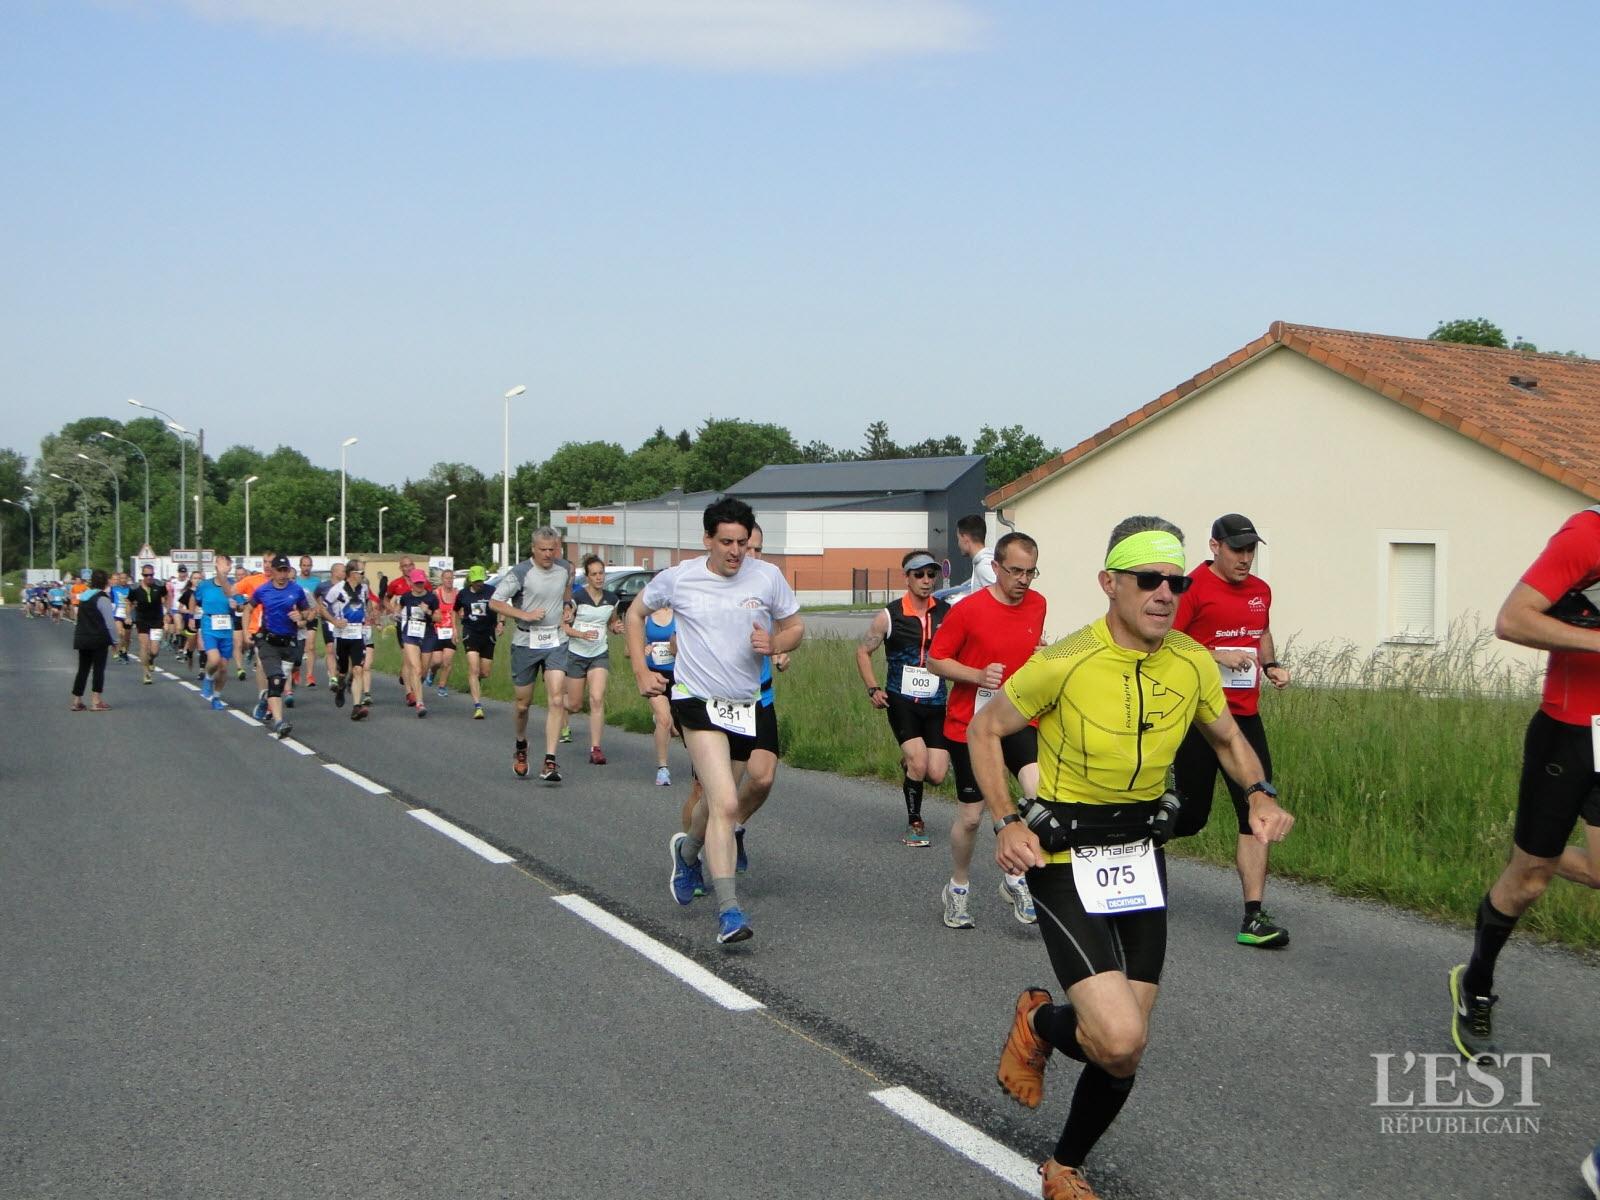 ce-dimanche-matin-190-coureurs-ont-pris-le-depart-des-18e-foulees-de-la-sante-a-bar-le-duc-1526815586